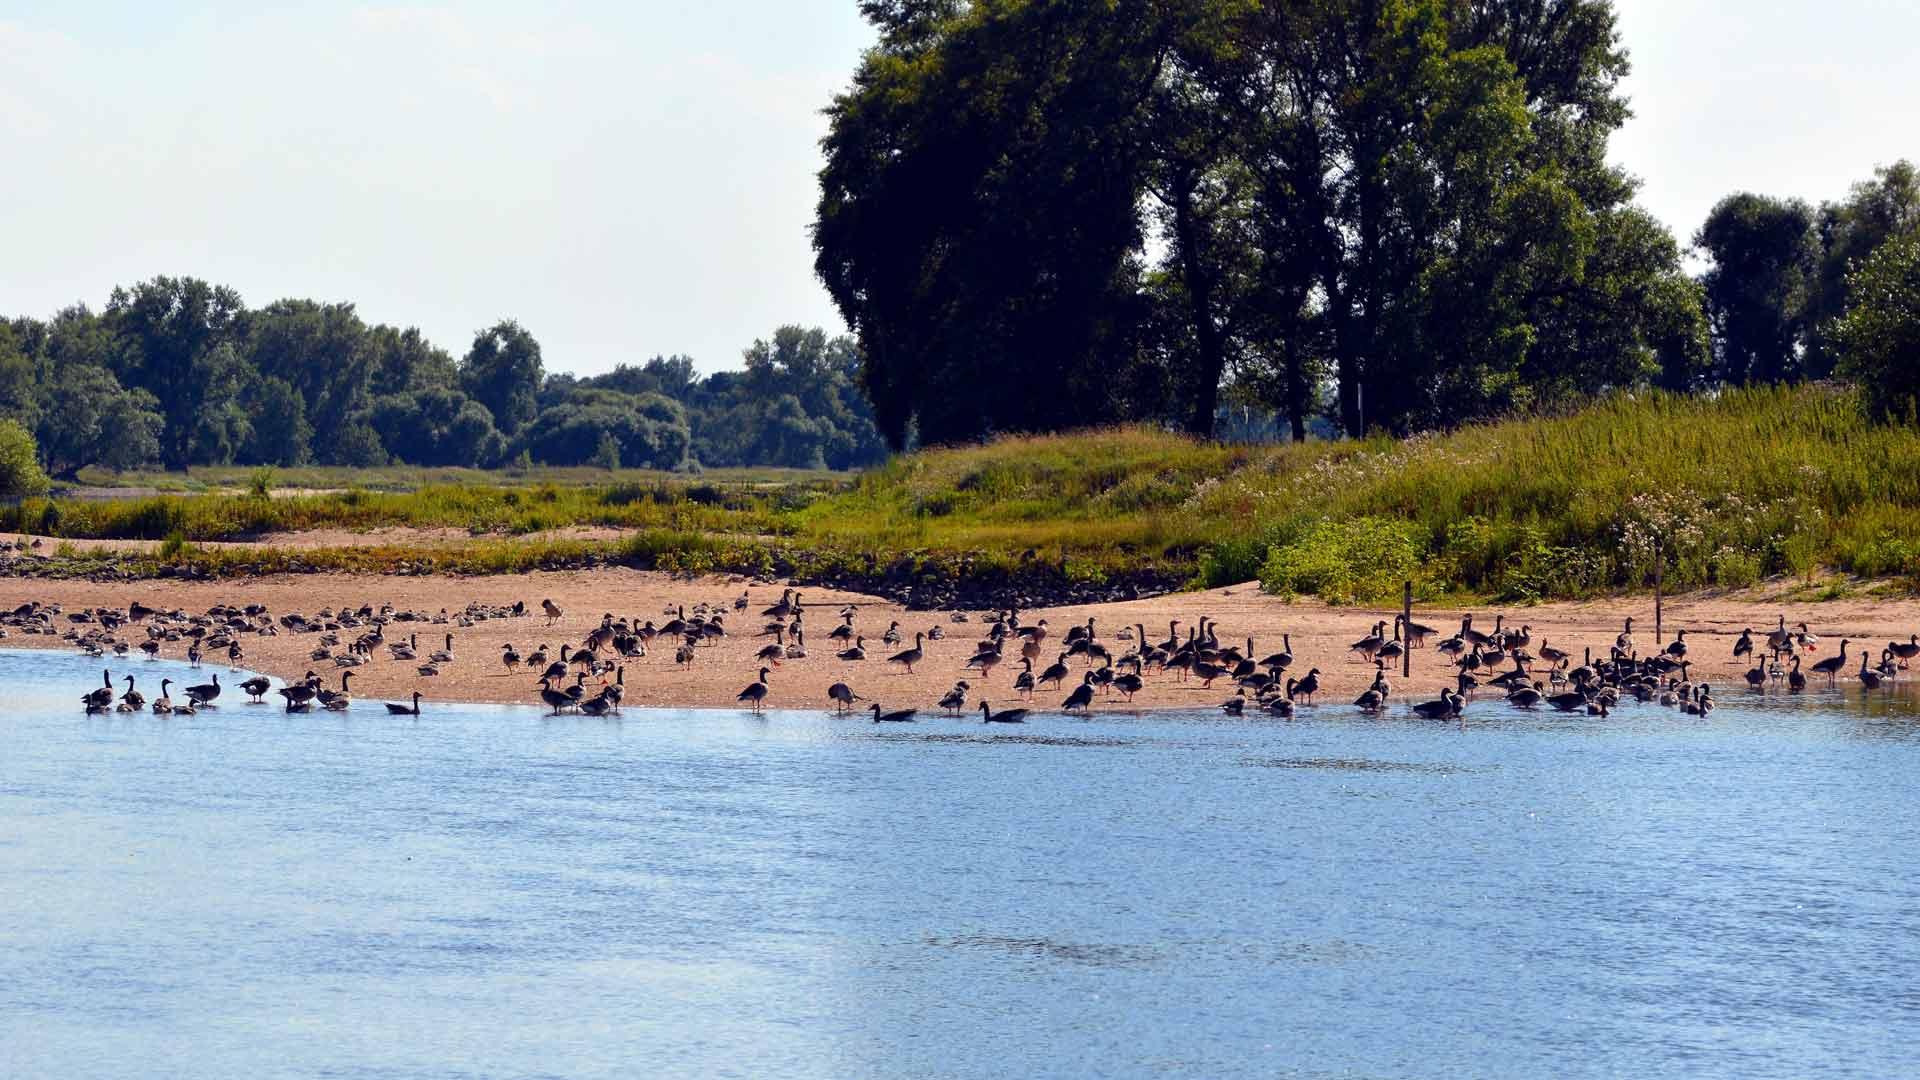 Tijdens de vogeltrek in het voorjaar en de herfst strijken er veel vogels in het waterrijke gebied langd de Elbe neer.